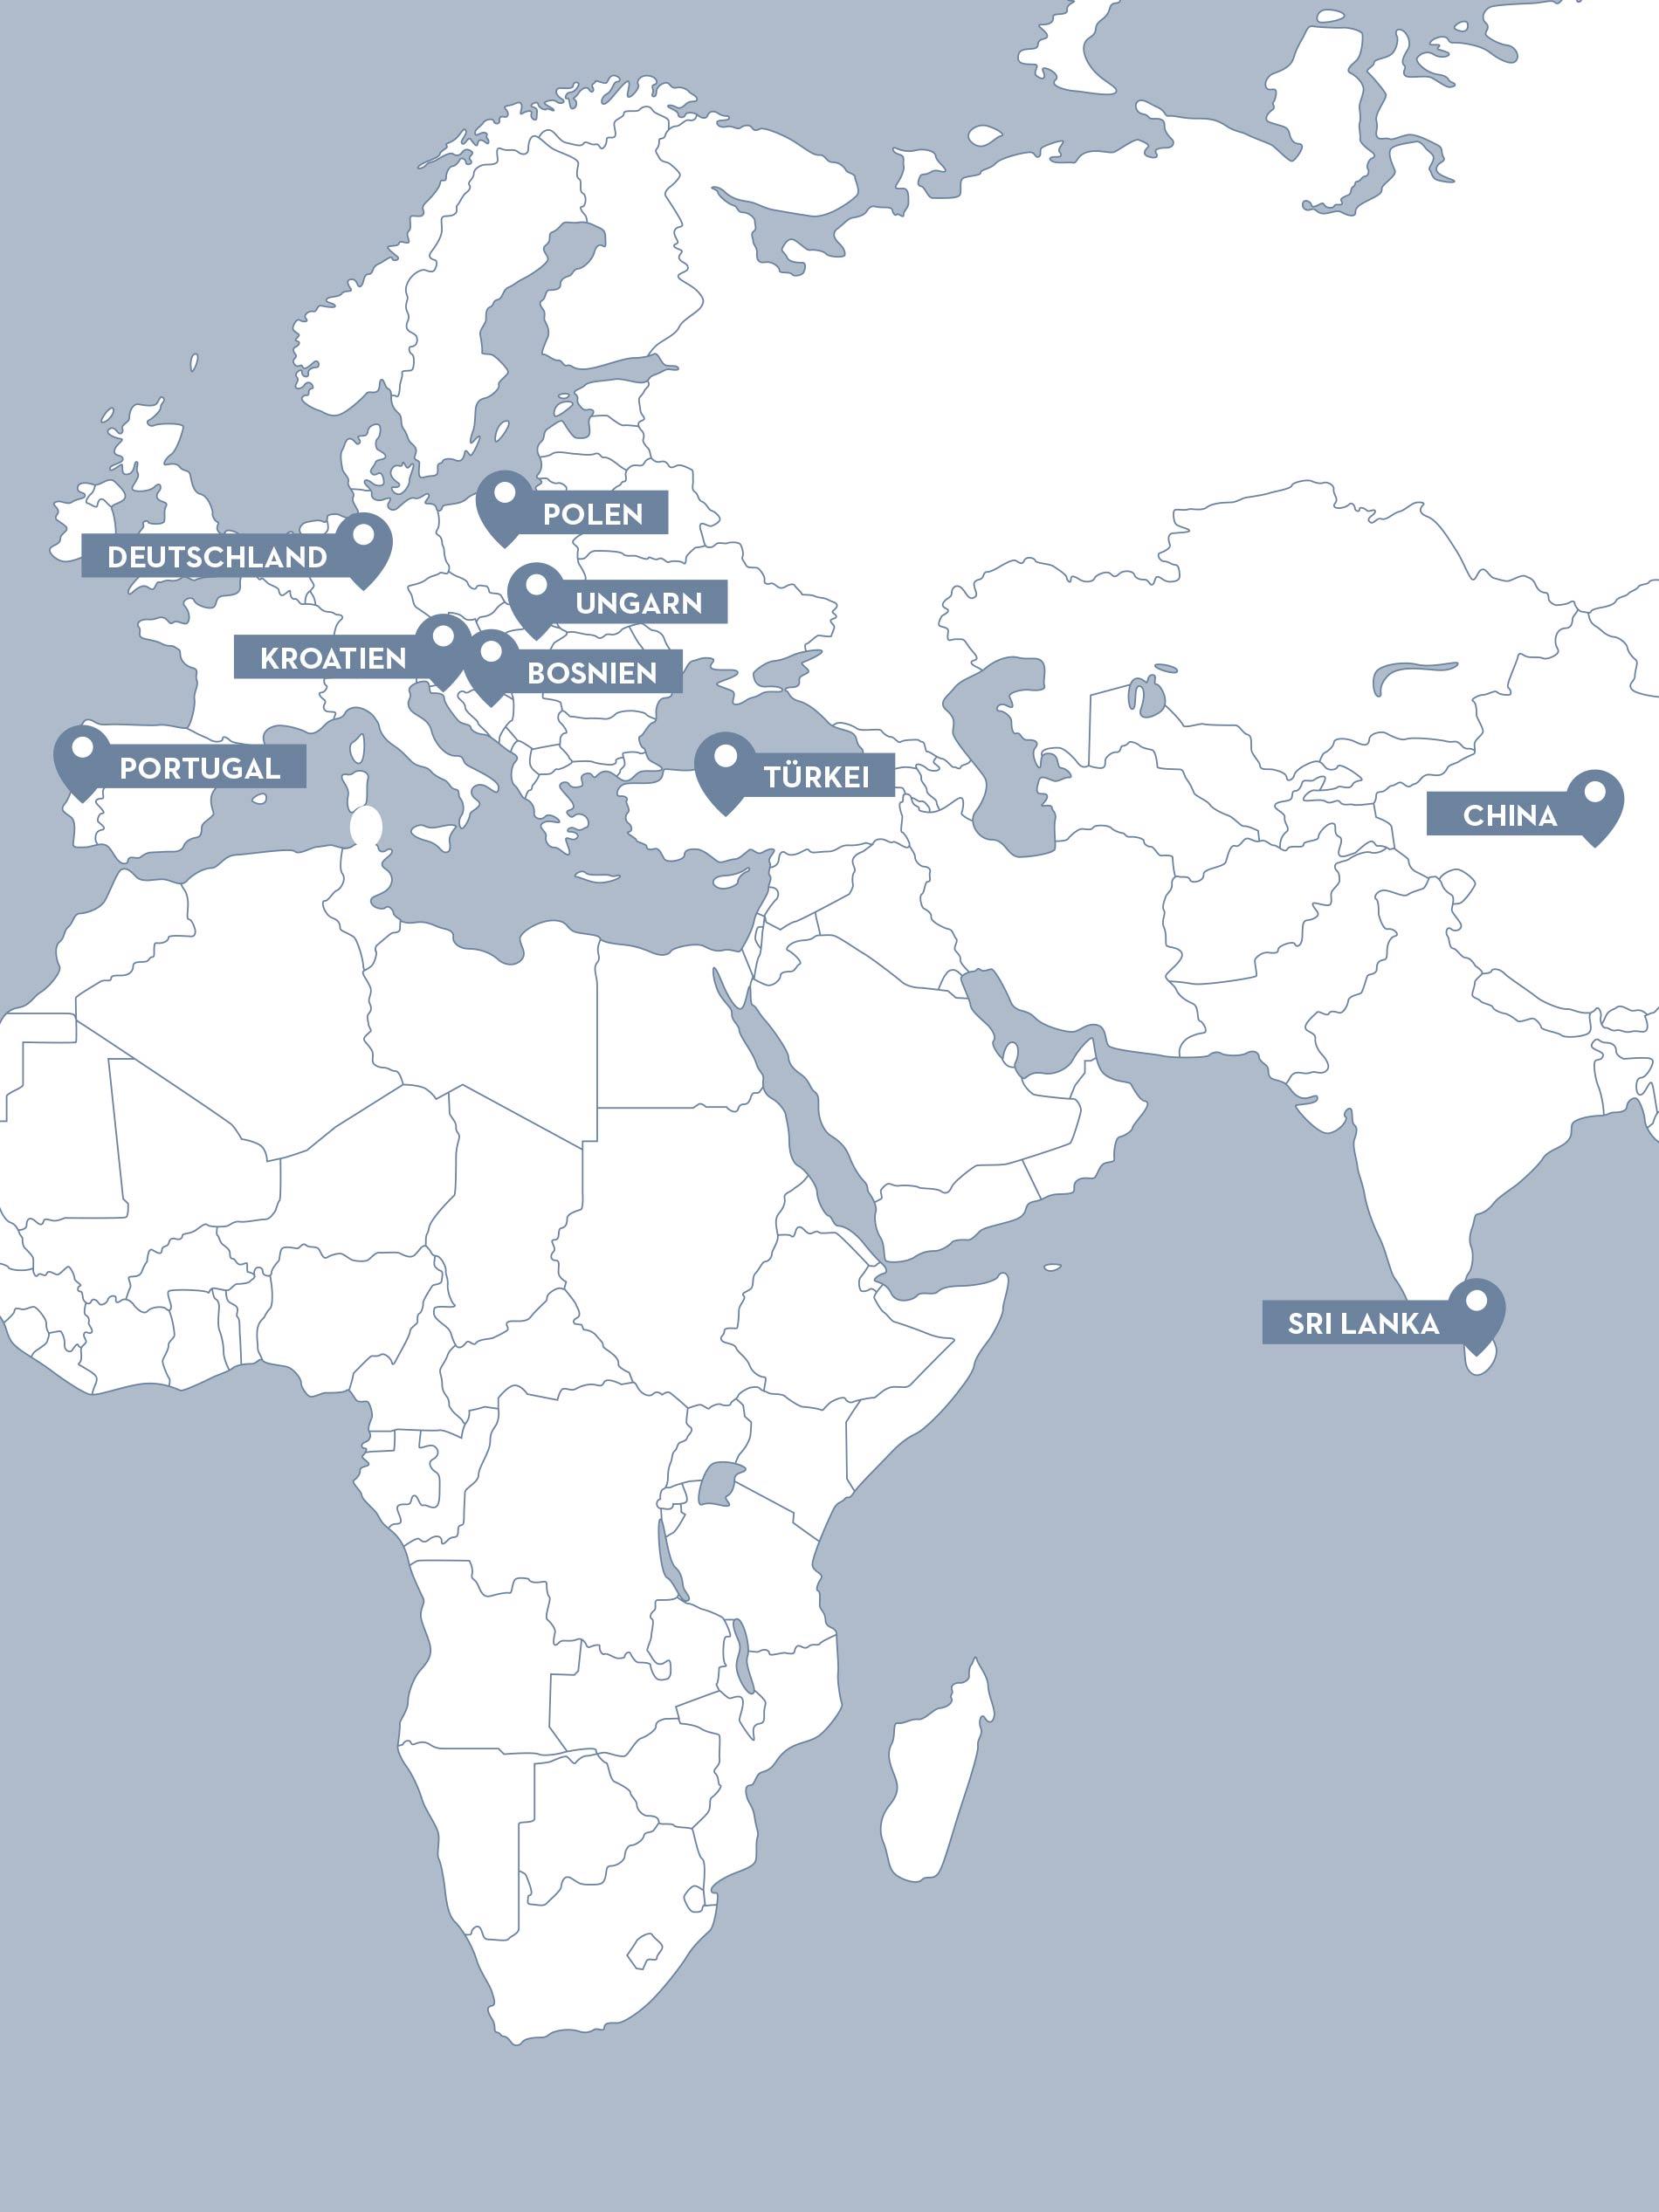 Karte mit den eigenen und externen Produktionsstandorten von mey | mey®